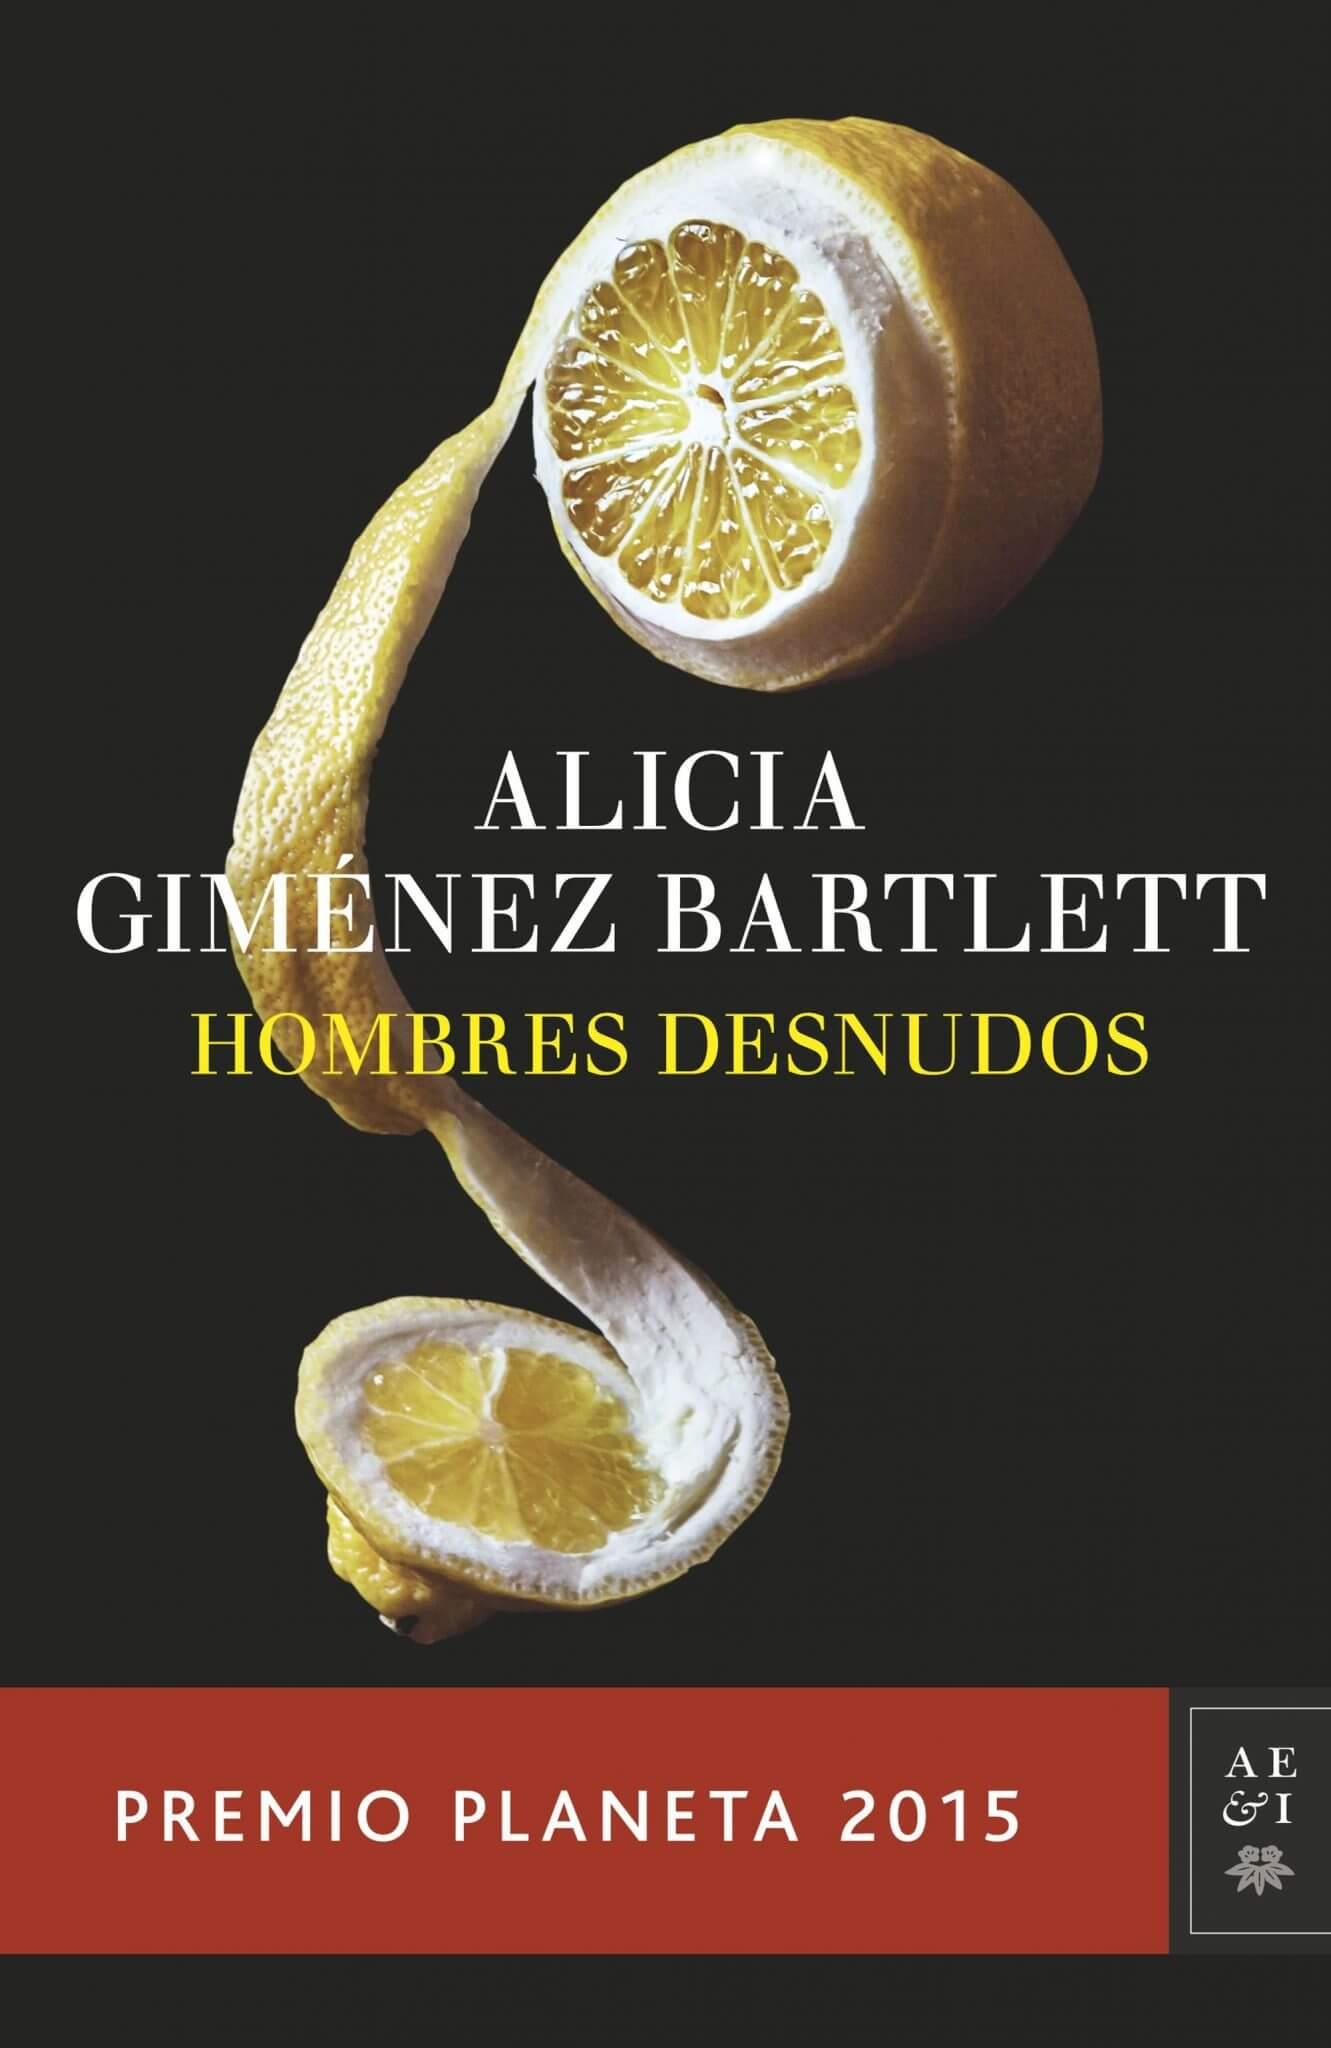 Hombres desnudos – Alicia Giménez Bartlett